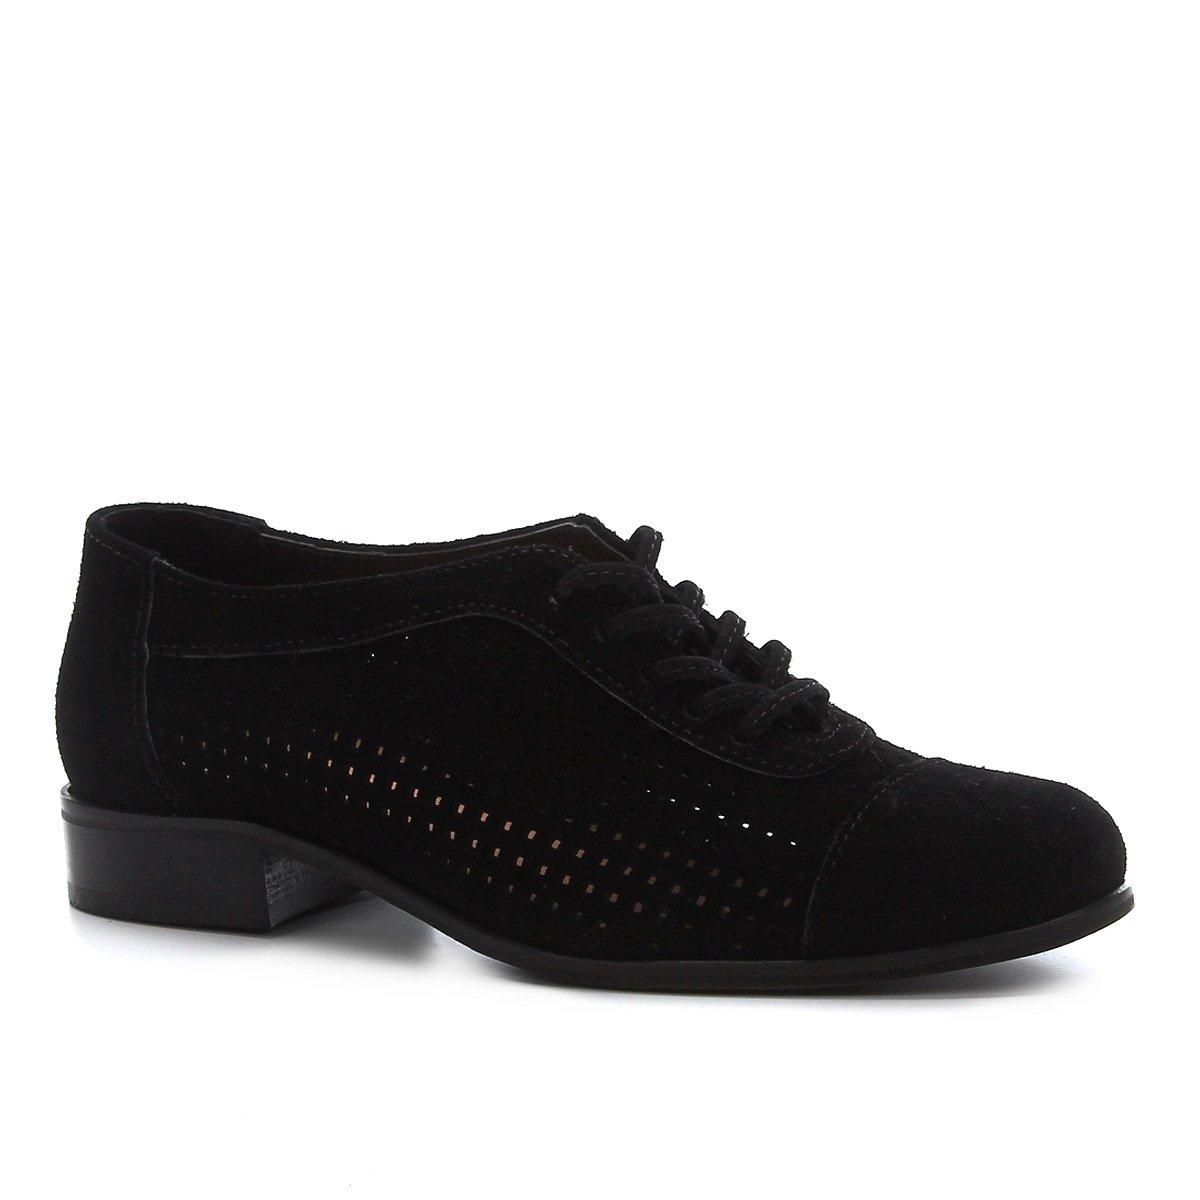 Oxford Couro Shoestock Camurça Cadarço Feminino